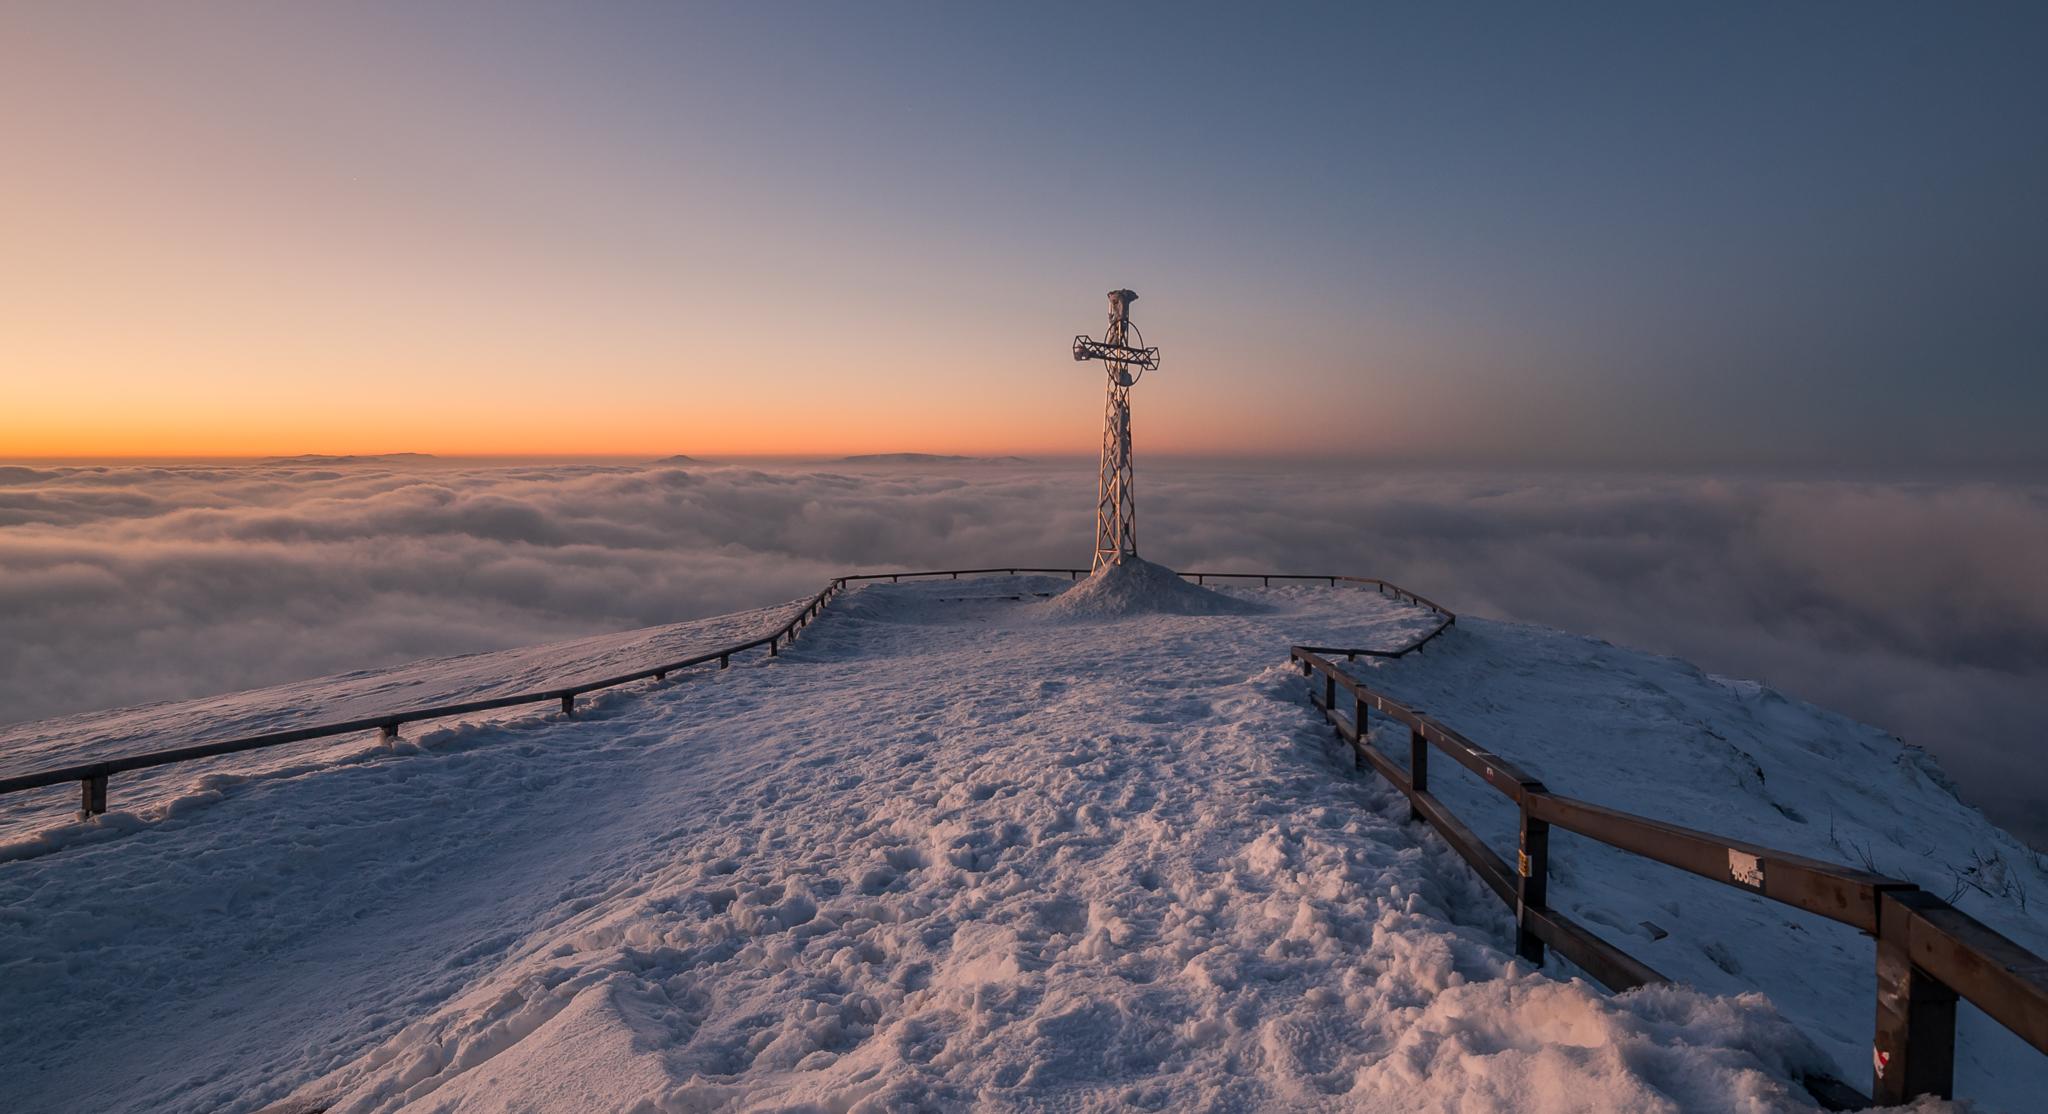 Zimowa inwersja na Tarnicy, zdj. Szymon Ziemba Fotografia